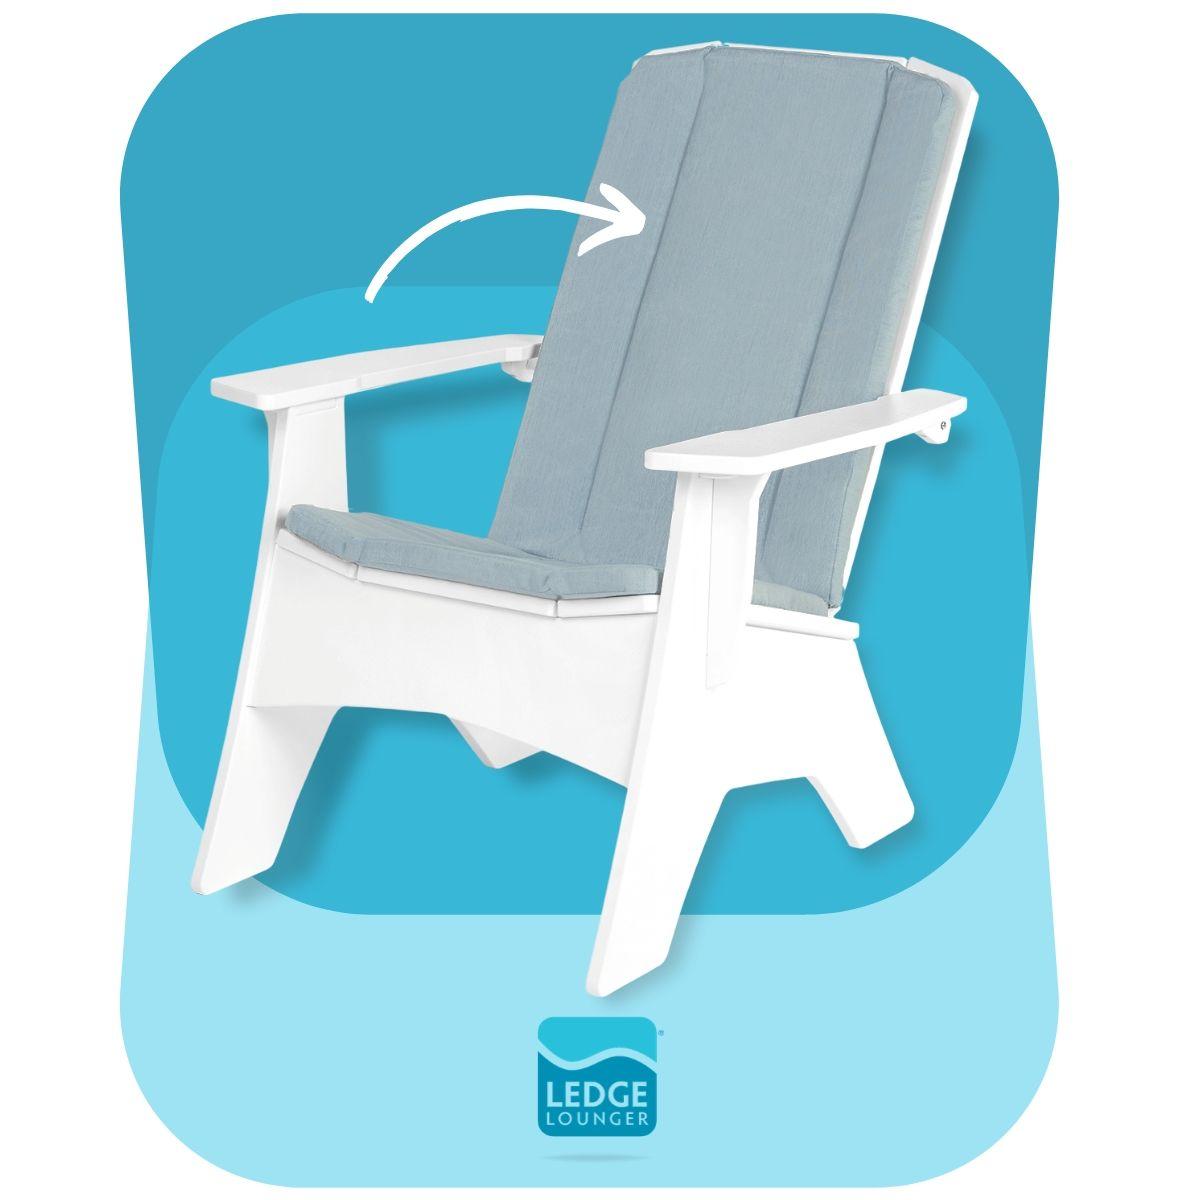 ledge-lounger-adirondack-chair-cushion